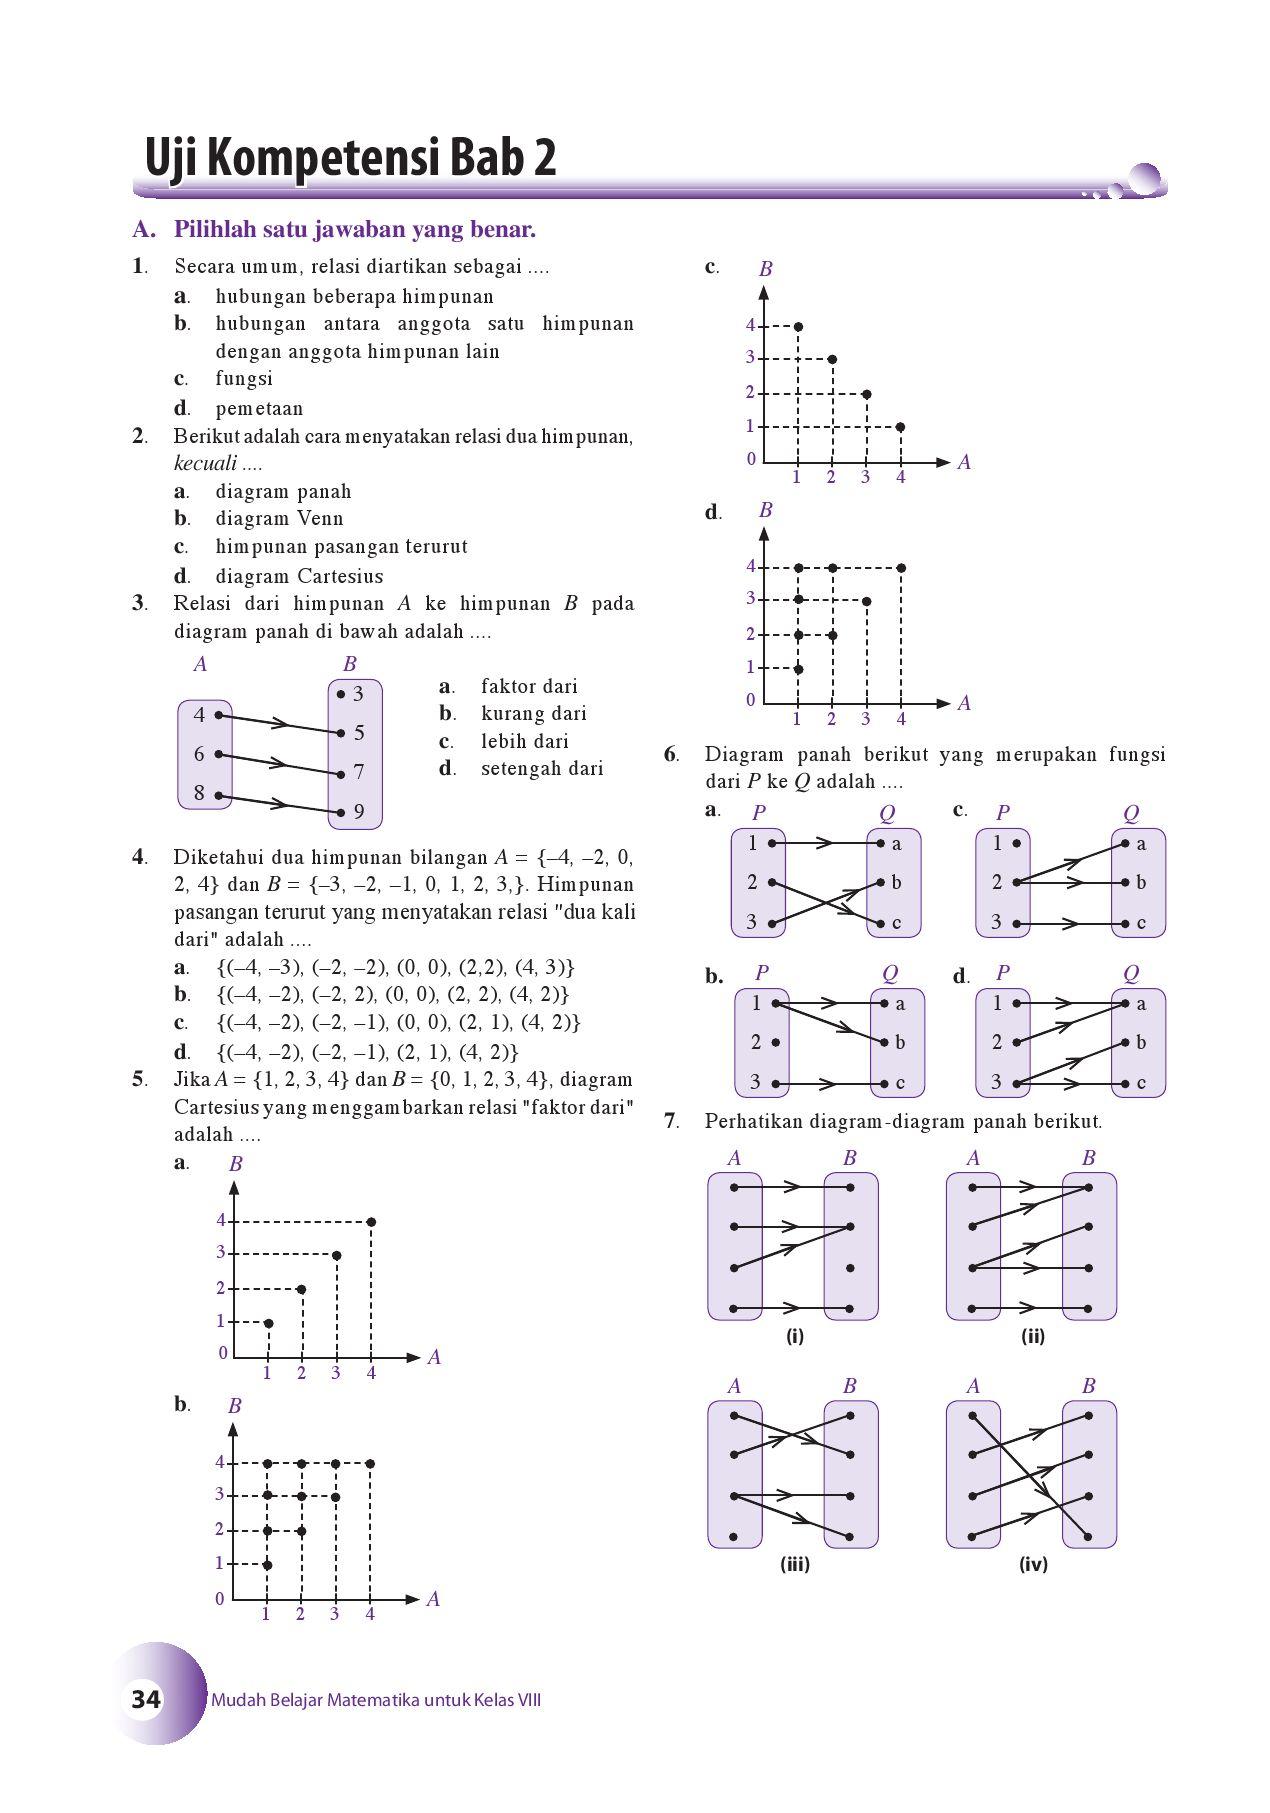 Kelas08mudah belajar matematikanuniek by s van selagan issuu ccuart Gallery